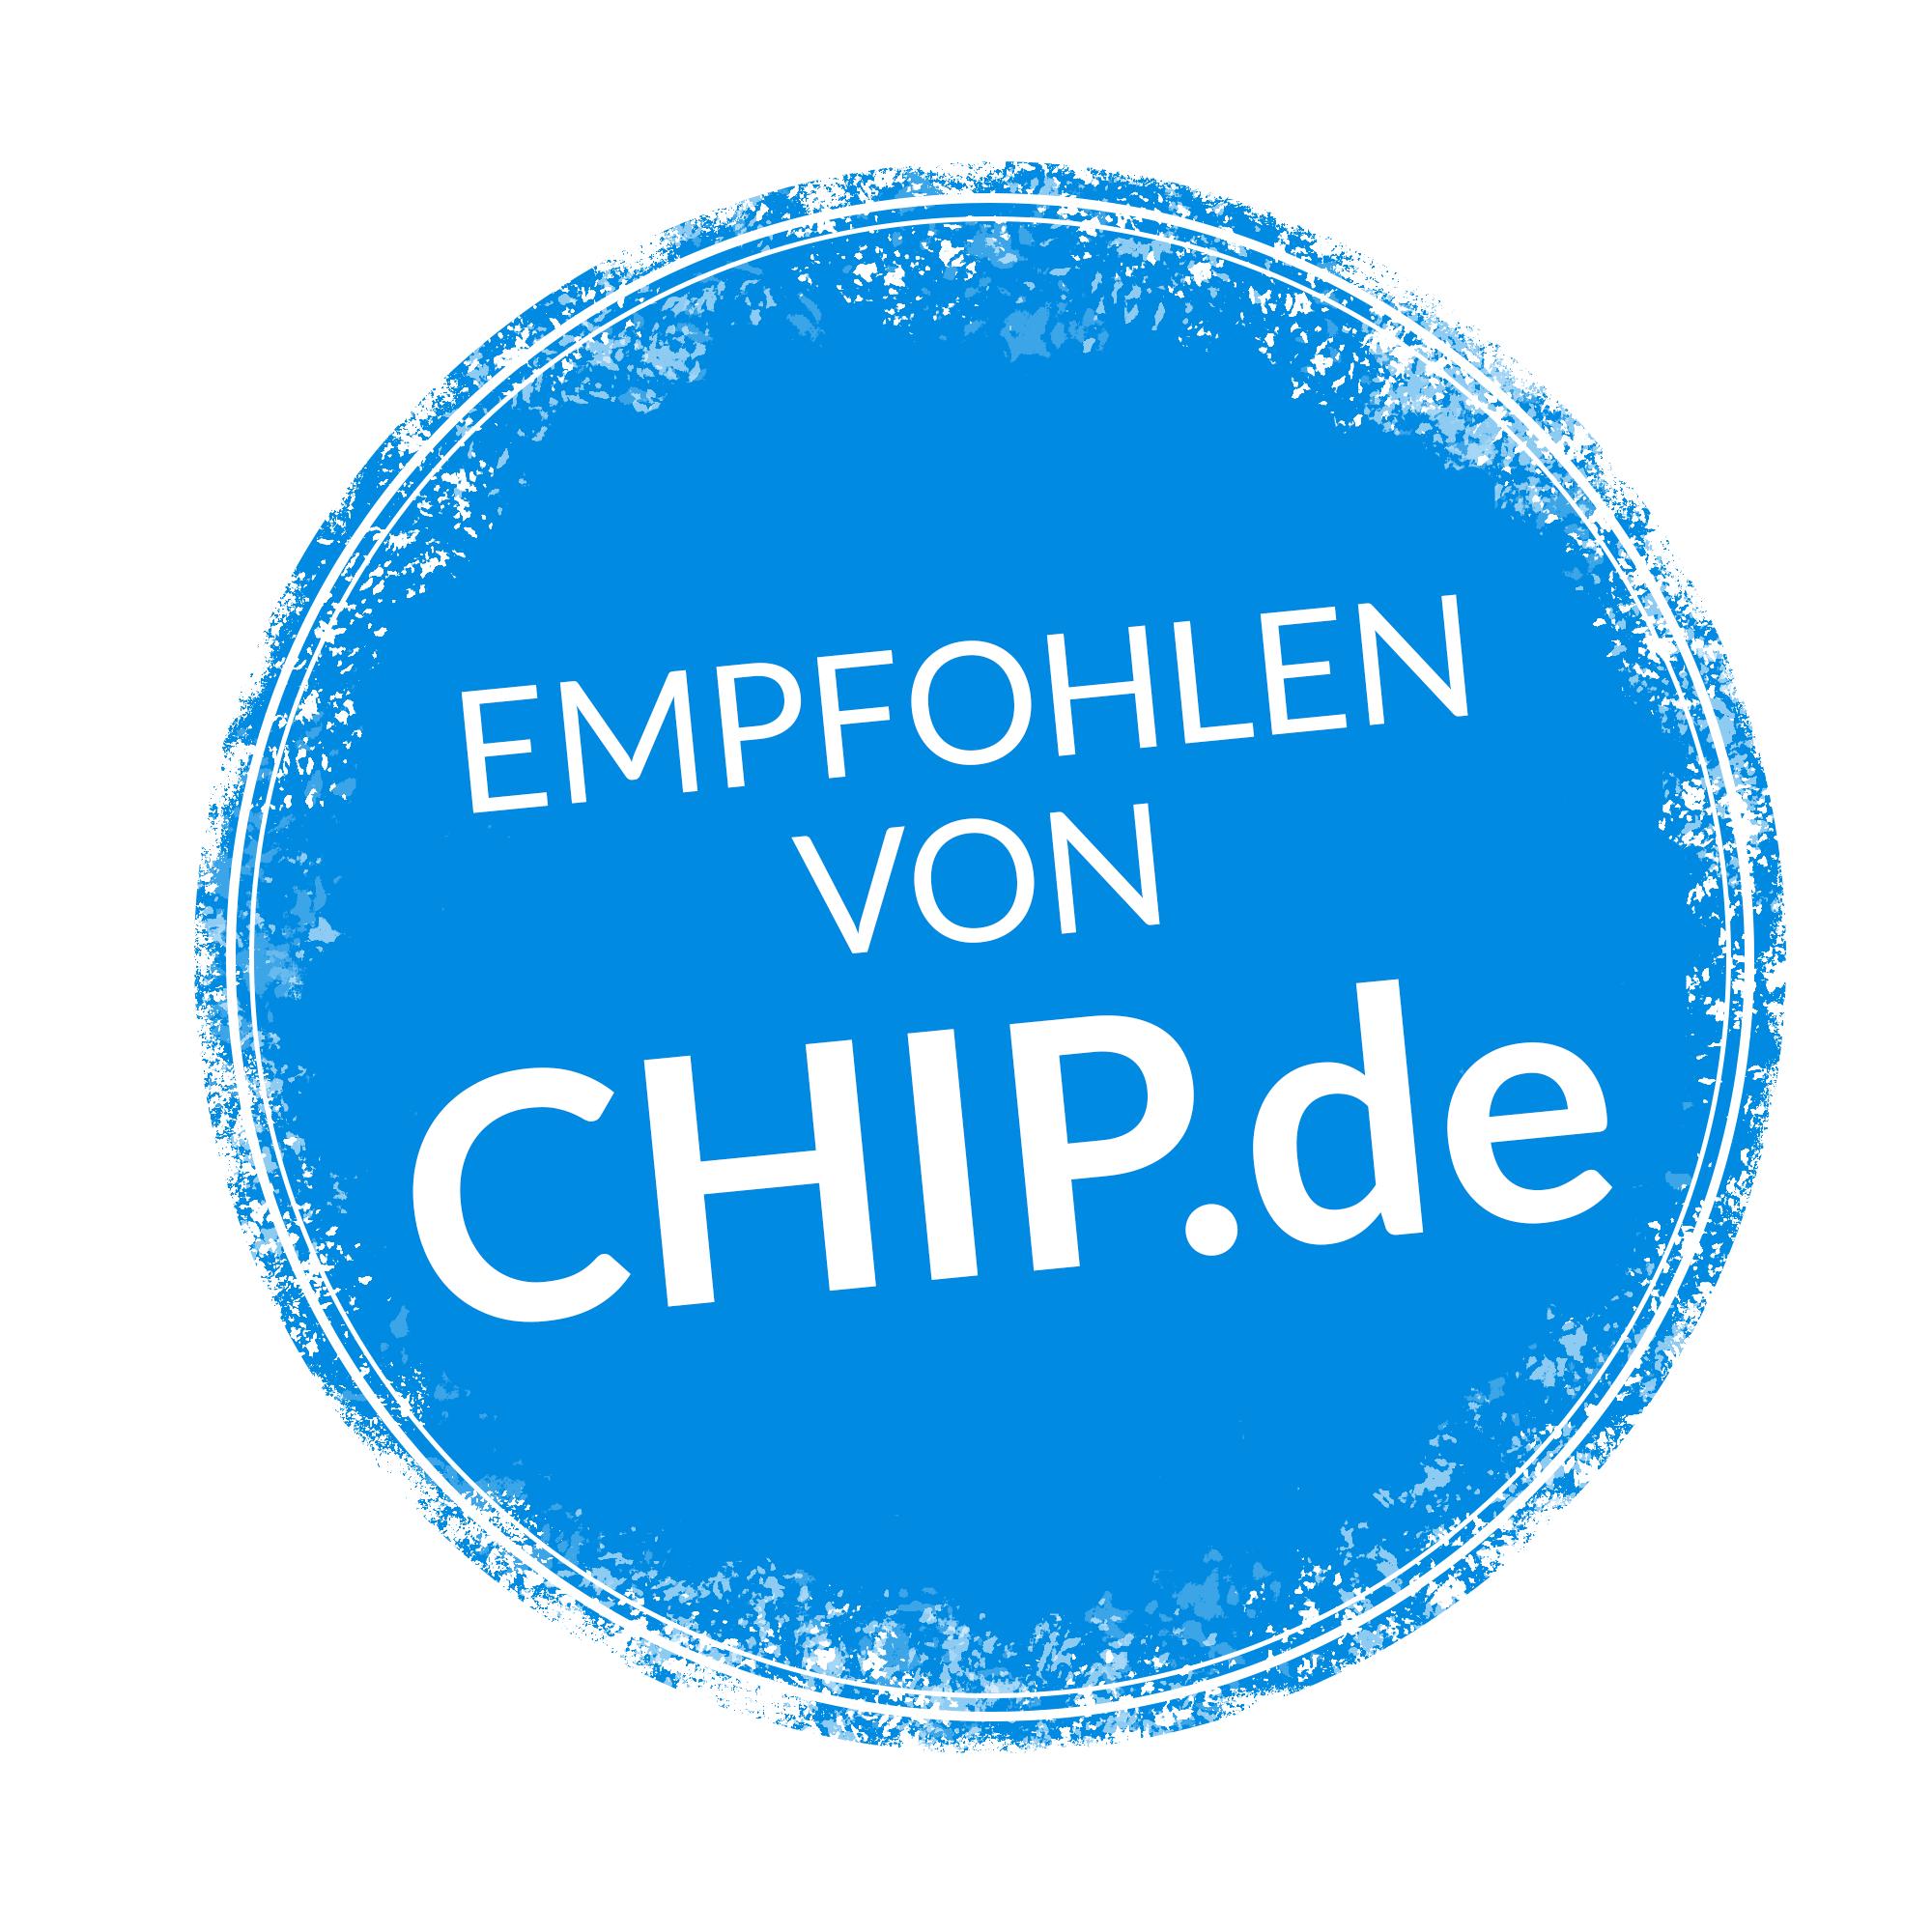 chip-siegel-crunch-schwach